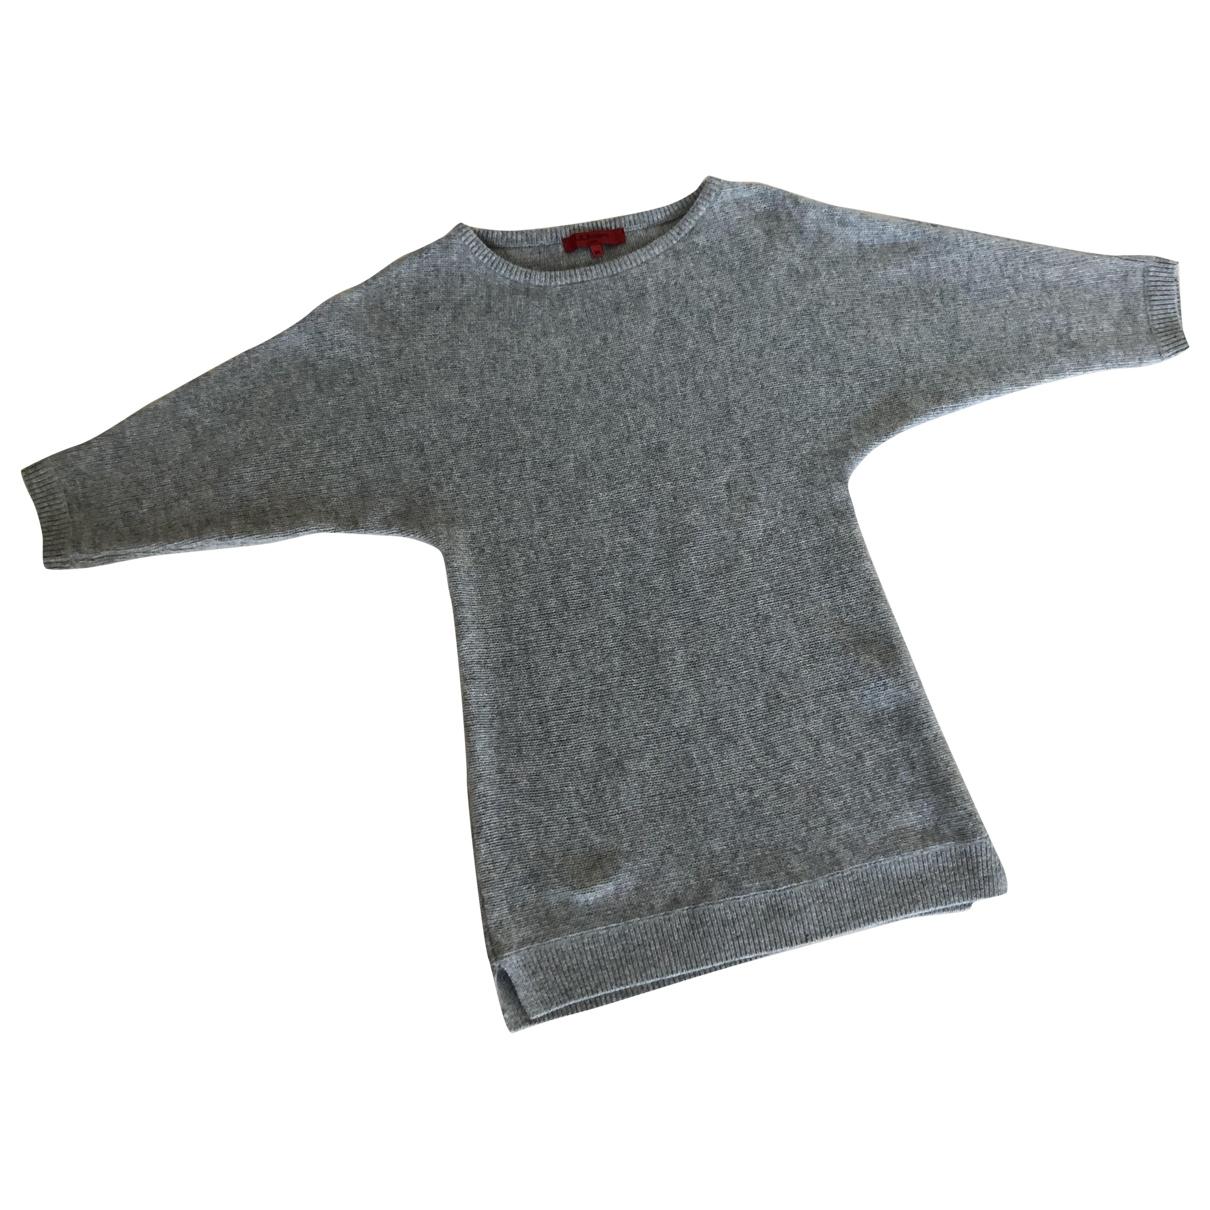 Lk Bennett - Pull   pour femme en laine - gris